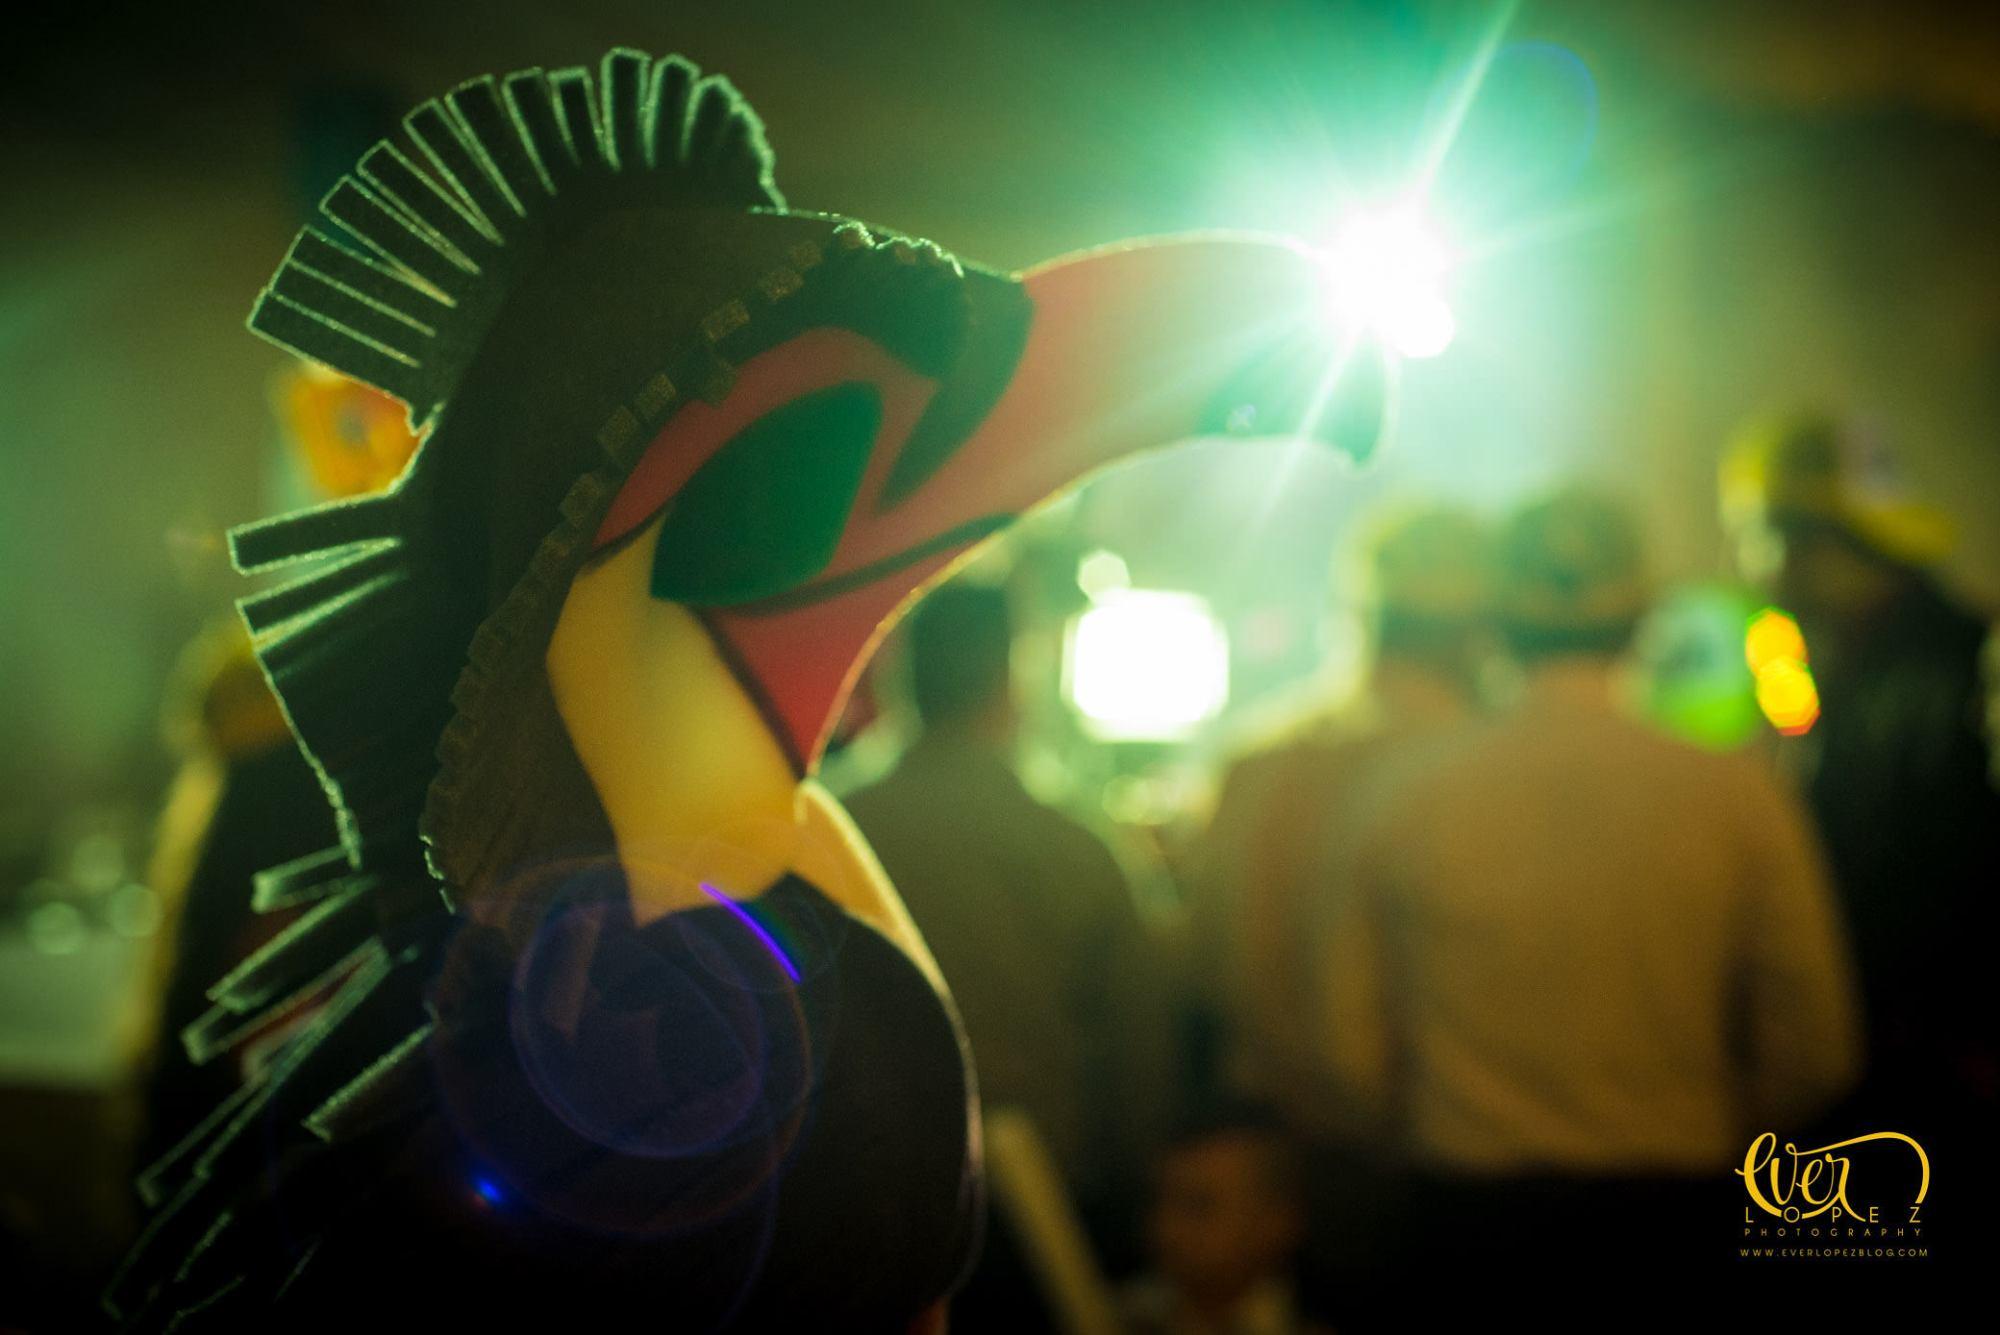 Gorros para bodas en Guadalajara